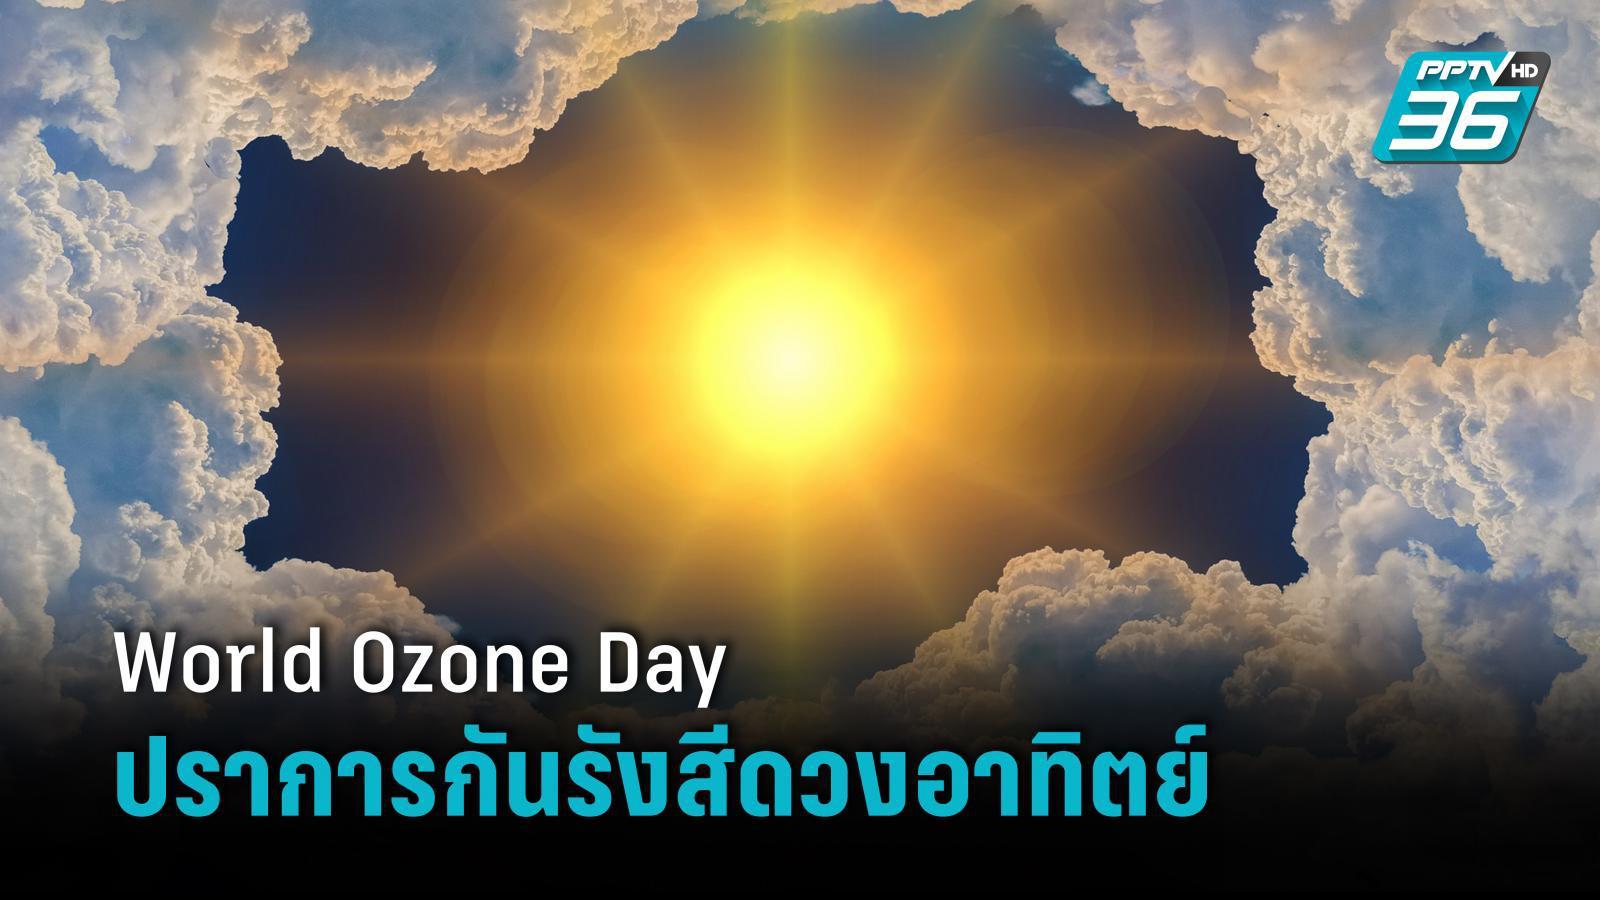 16 กันยายน วันโอโซนโลก โล่ปกป้องรังสีจากดวงอาทิตย์